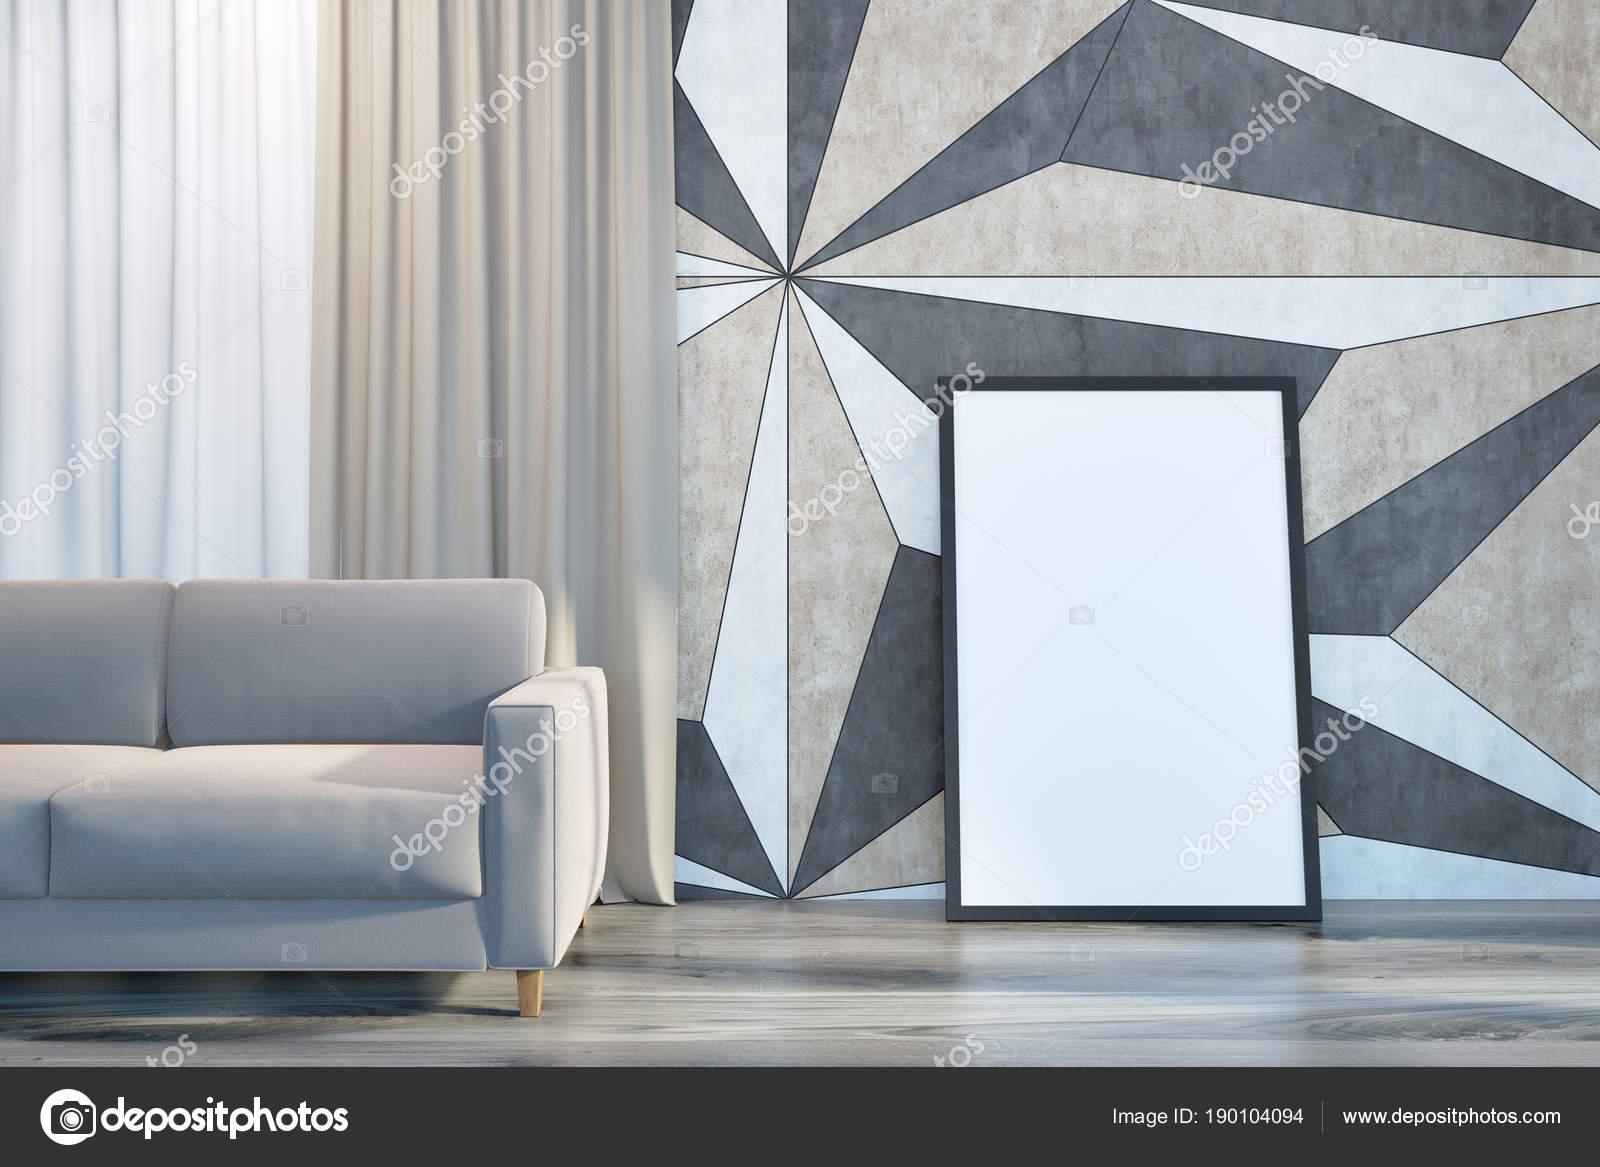 Gerahmte Bilder Wohnzimmer ~ Geometrische wand muster wohnzimmer sofa und poster u stockfoto